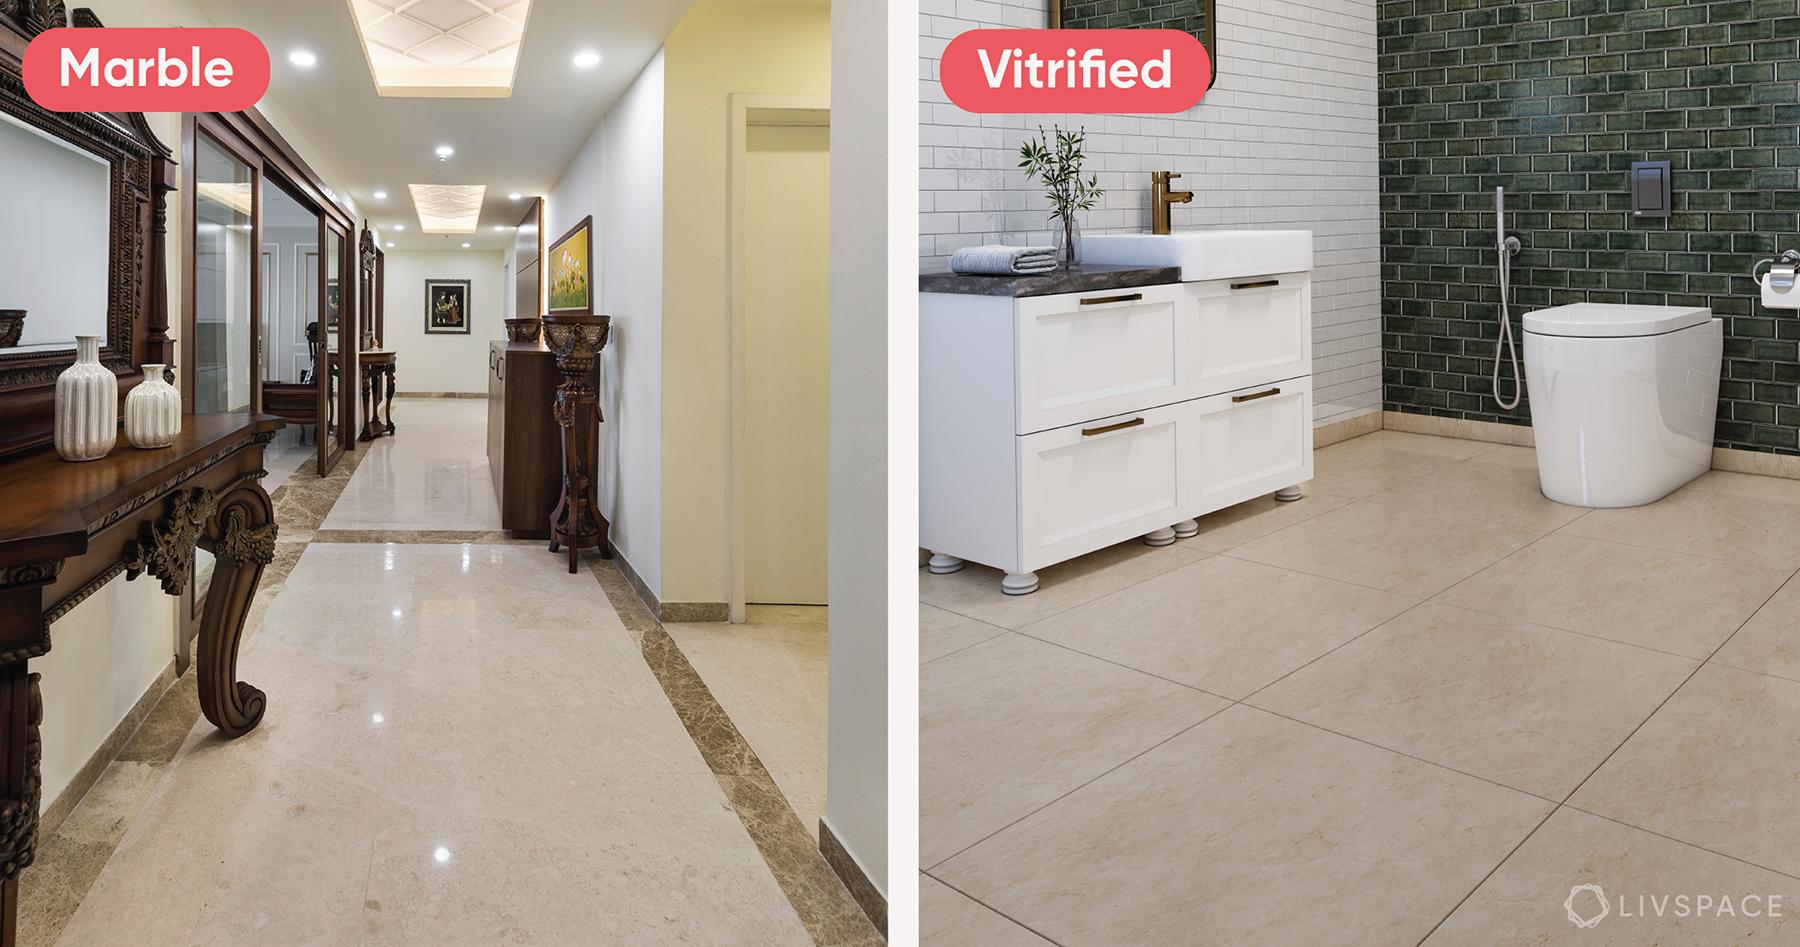 vitrified tiles vs marble-cover